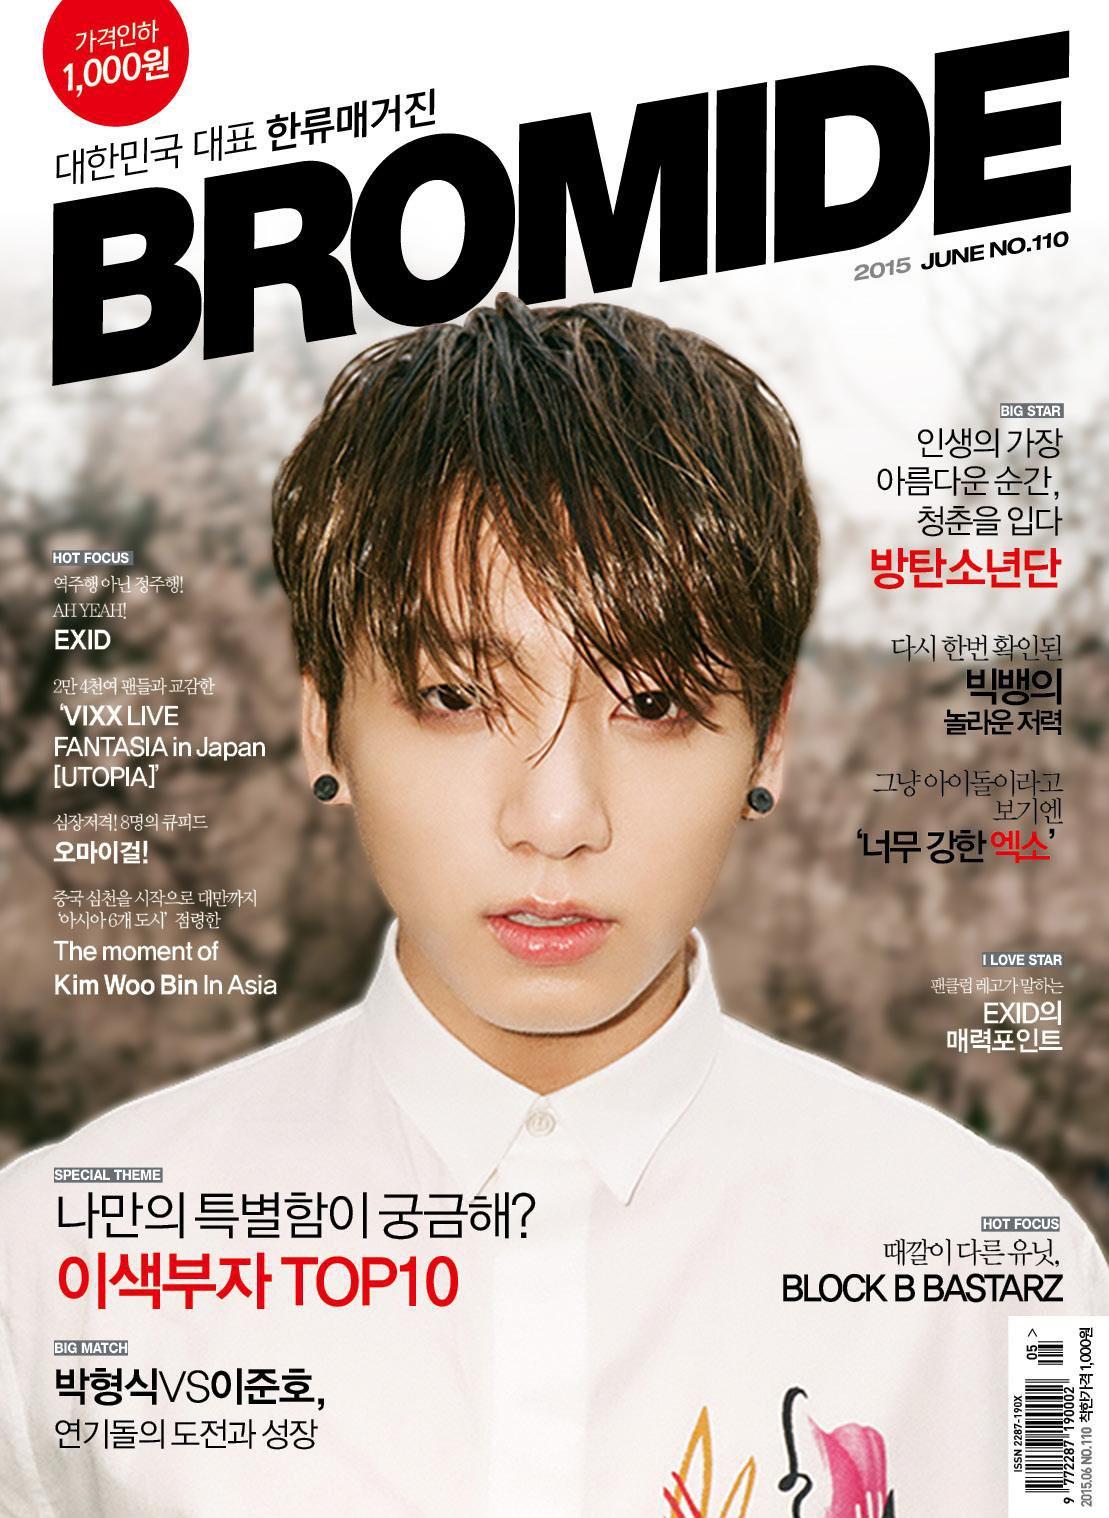 Em út BTS xưng danh gương mặt đẹp trai thứ 2 thế giới: Cực phẩm, được Billboard gọi tên vì body như thần điêu khắc - Ảnh 2.